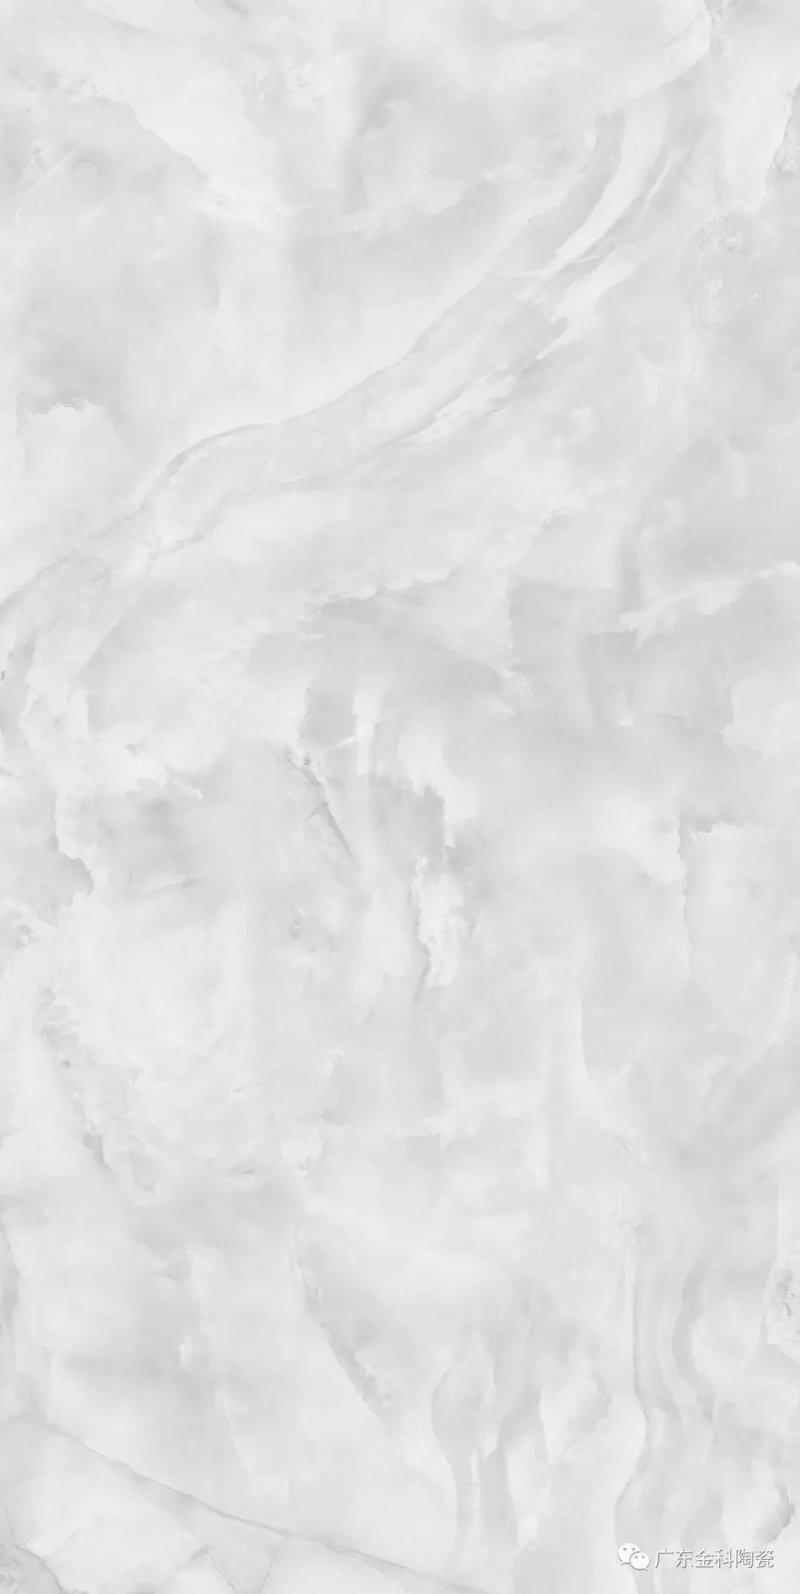 金科陶瓷图片 全瓷现代砖装修效果图